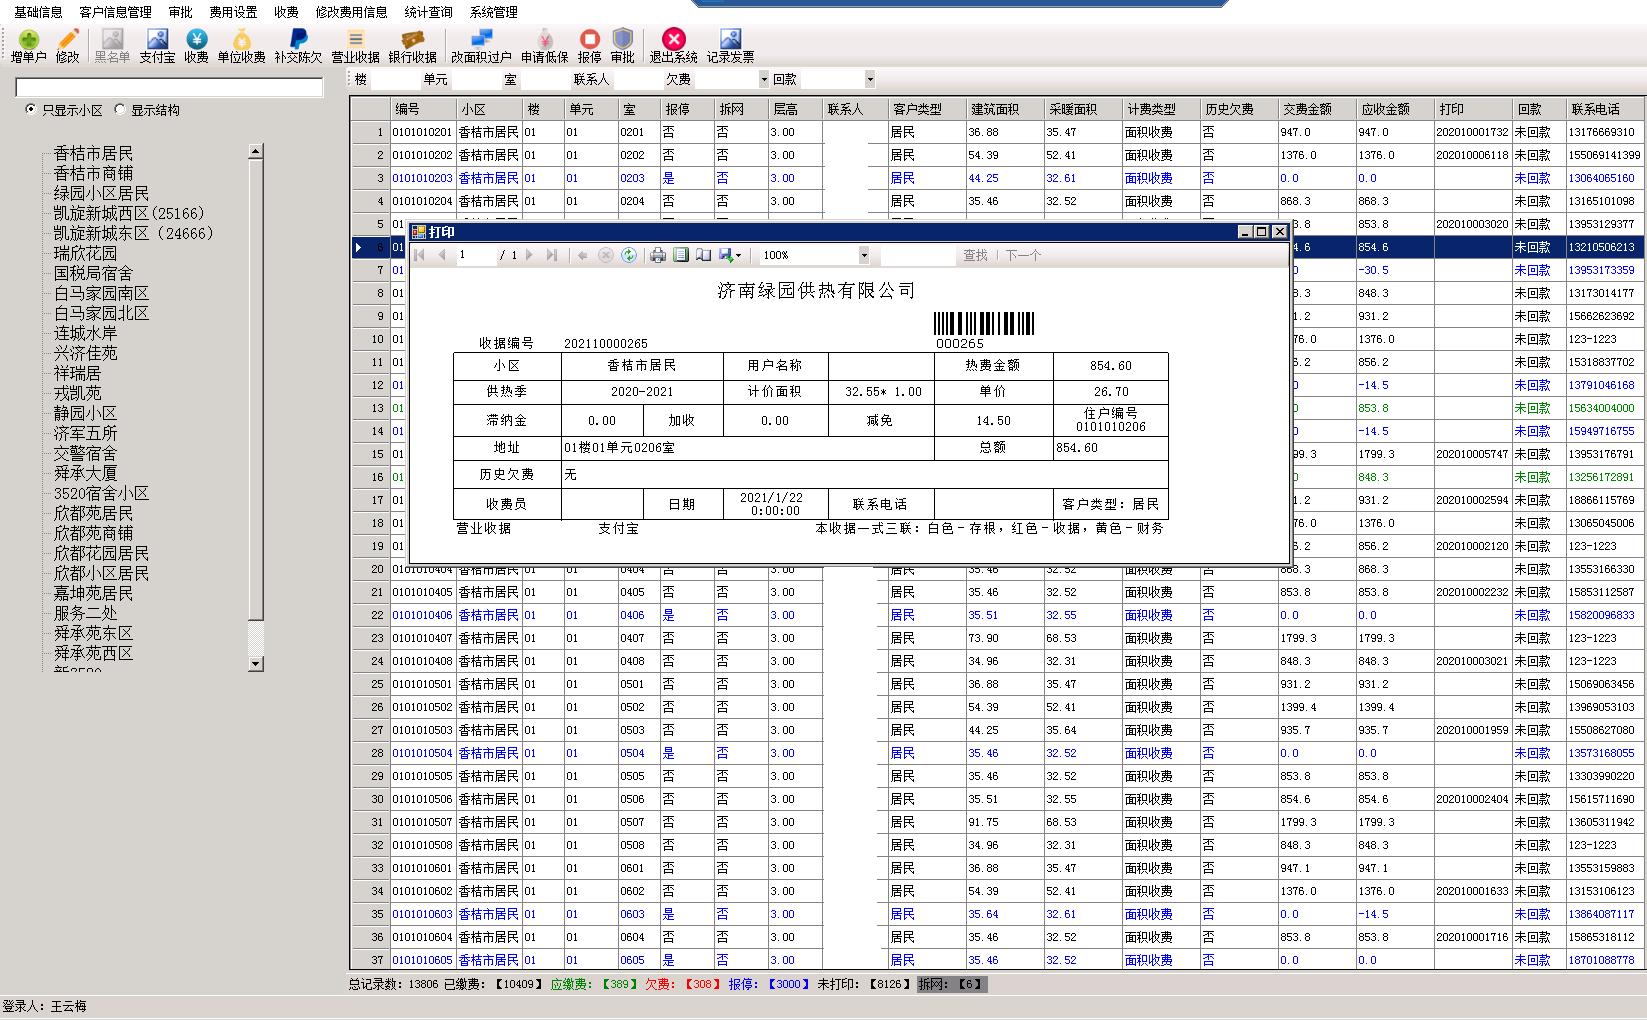 HT-CMS供热收费管理系统